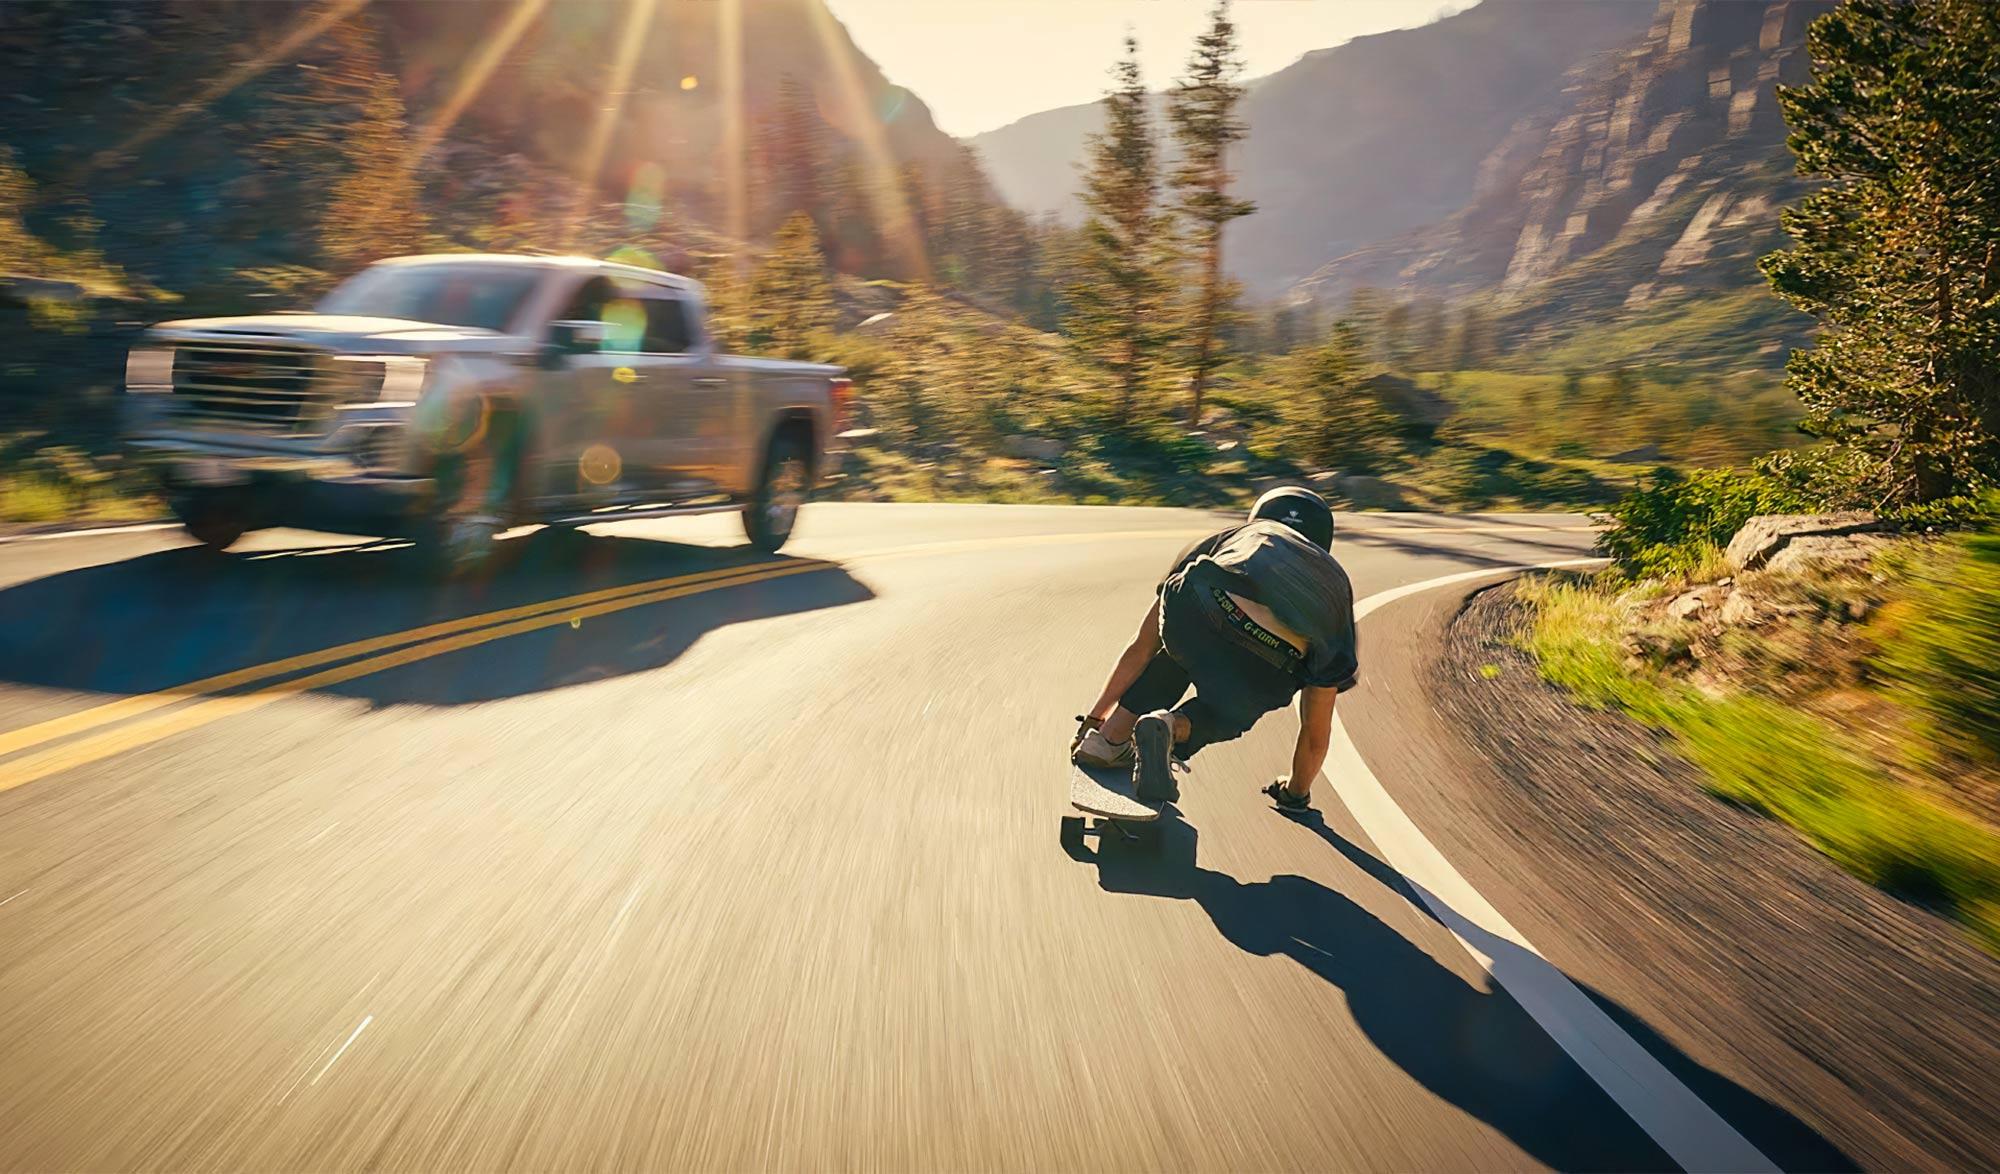 ONE SHOT : Josh Neuman's Alpine Descent